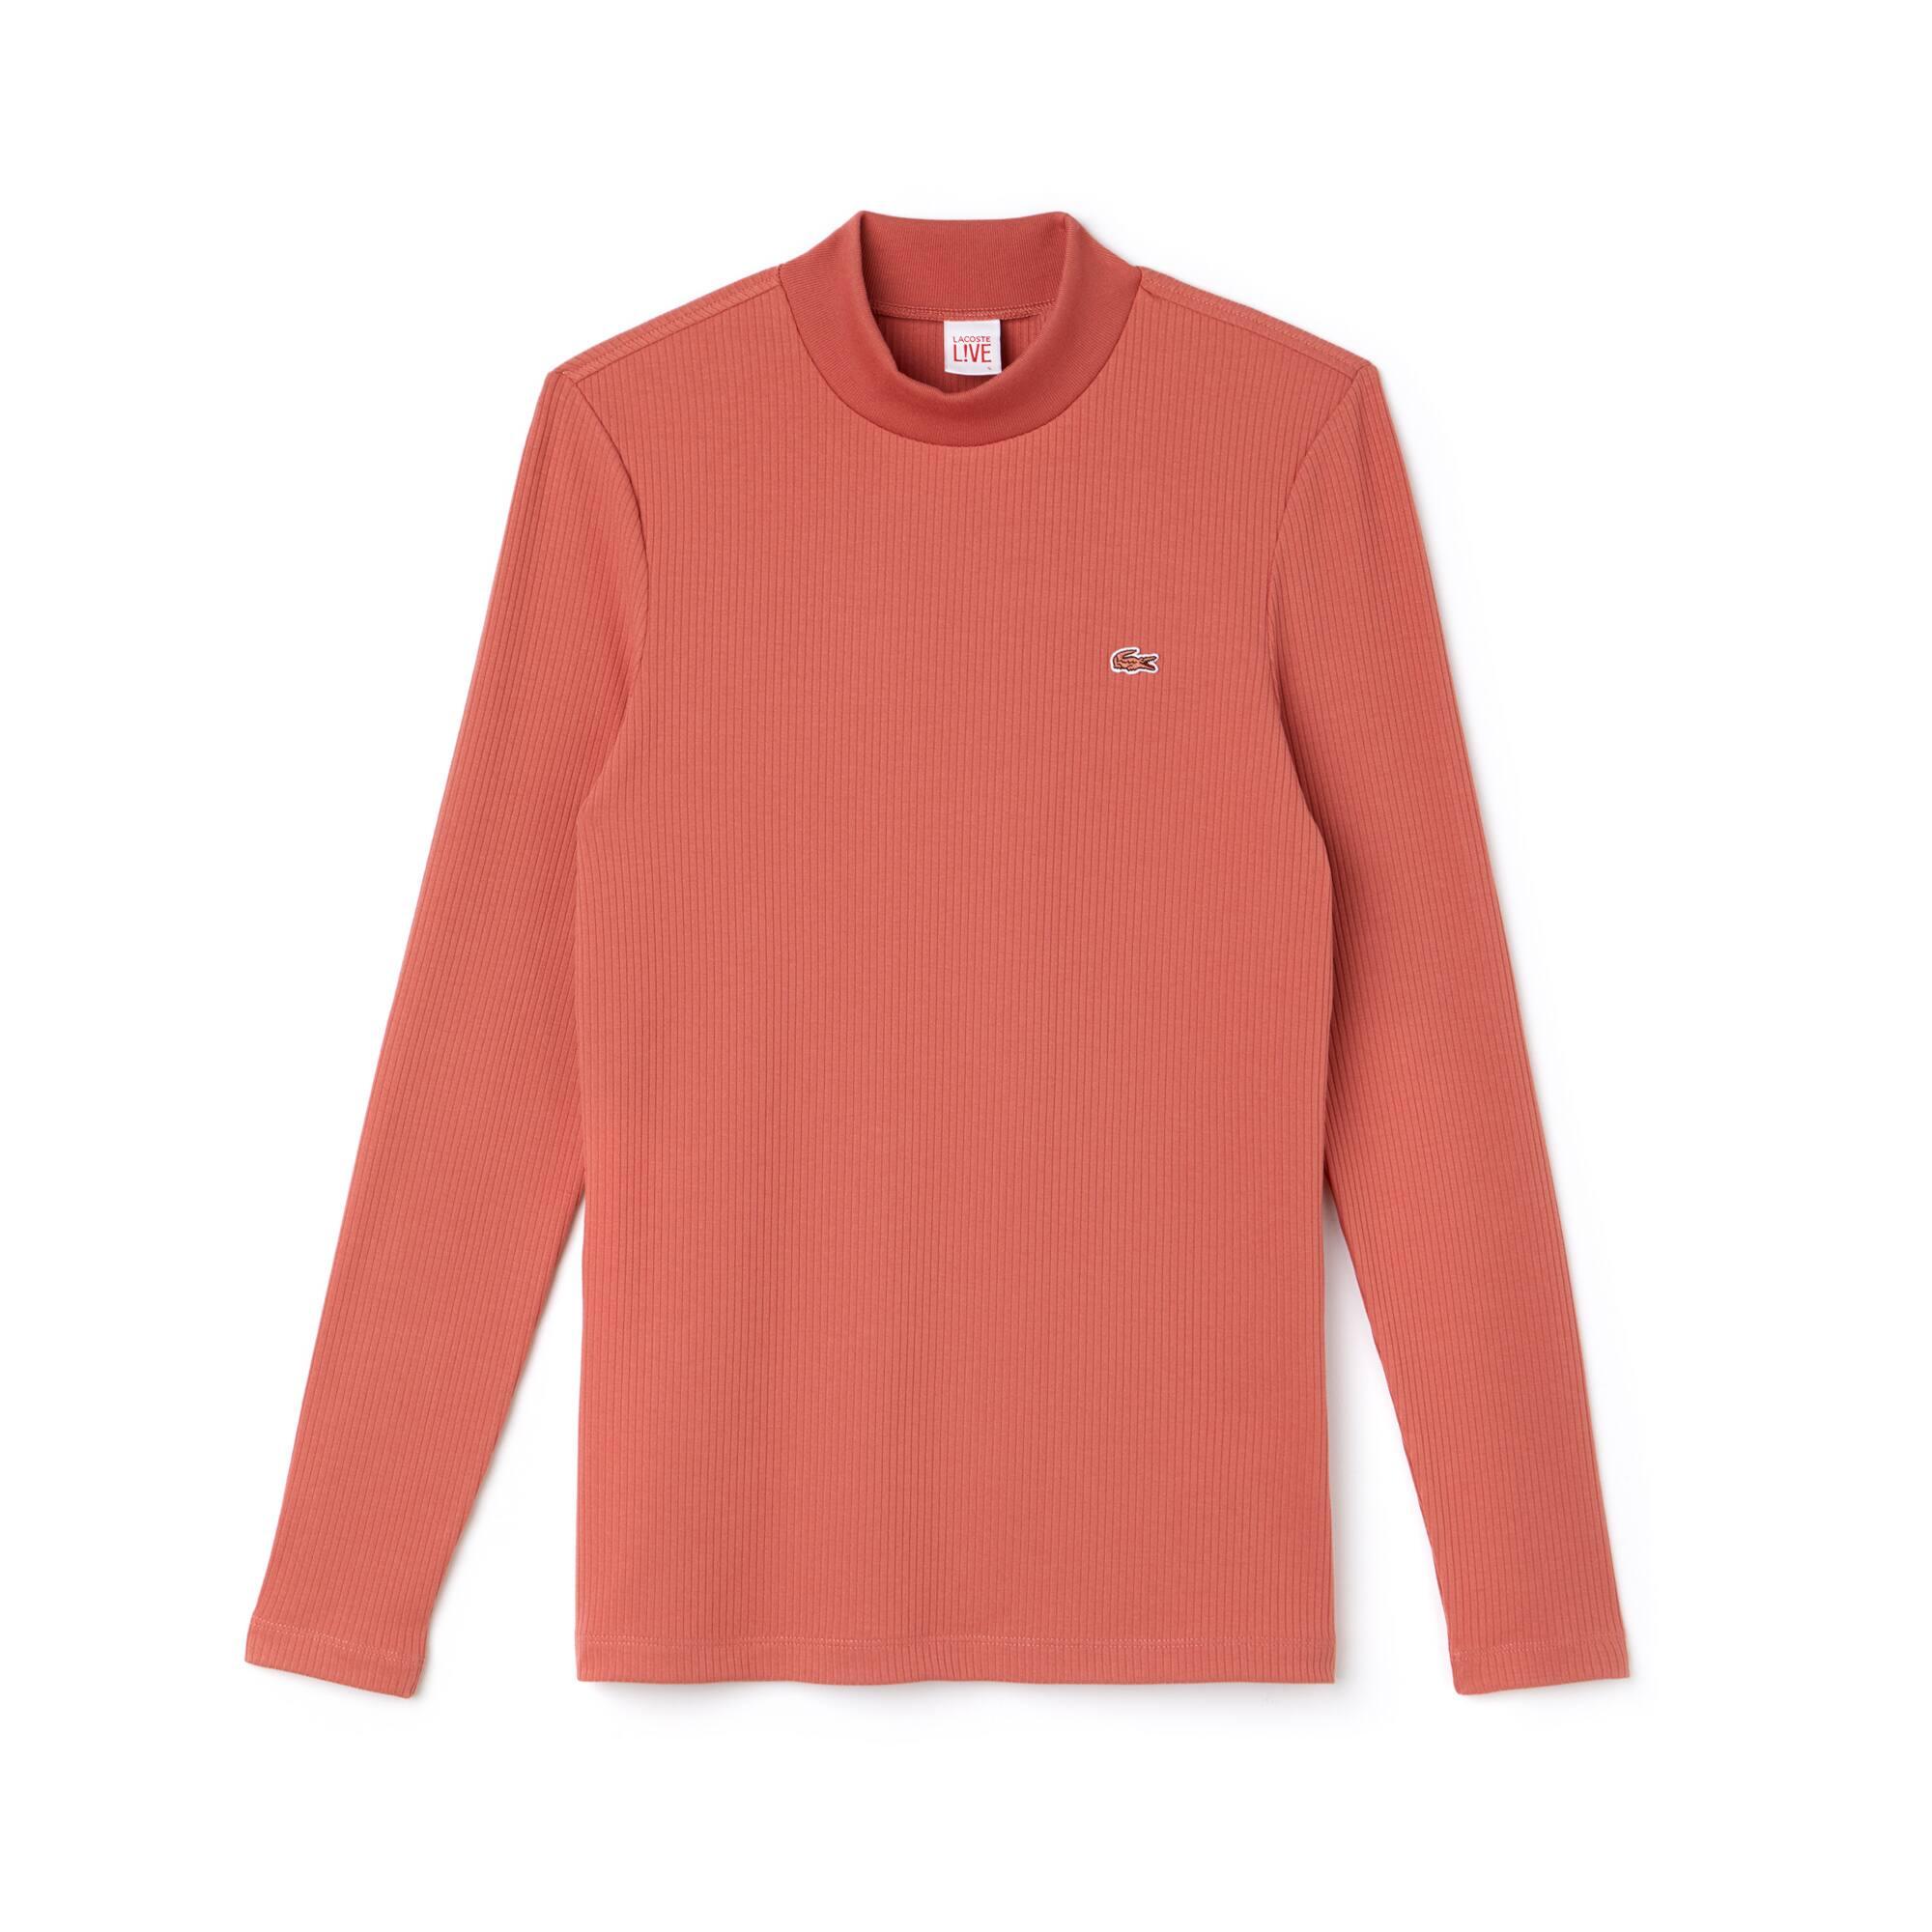 T-shirt col montant à manches longues Lacoste LIVE en coton côtelé